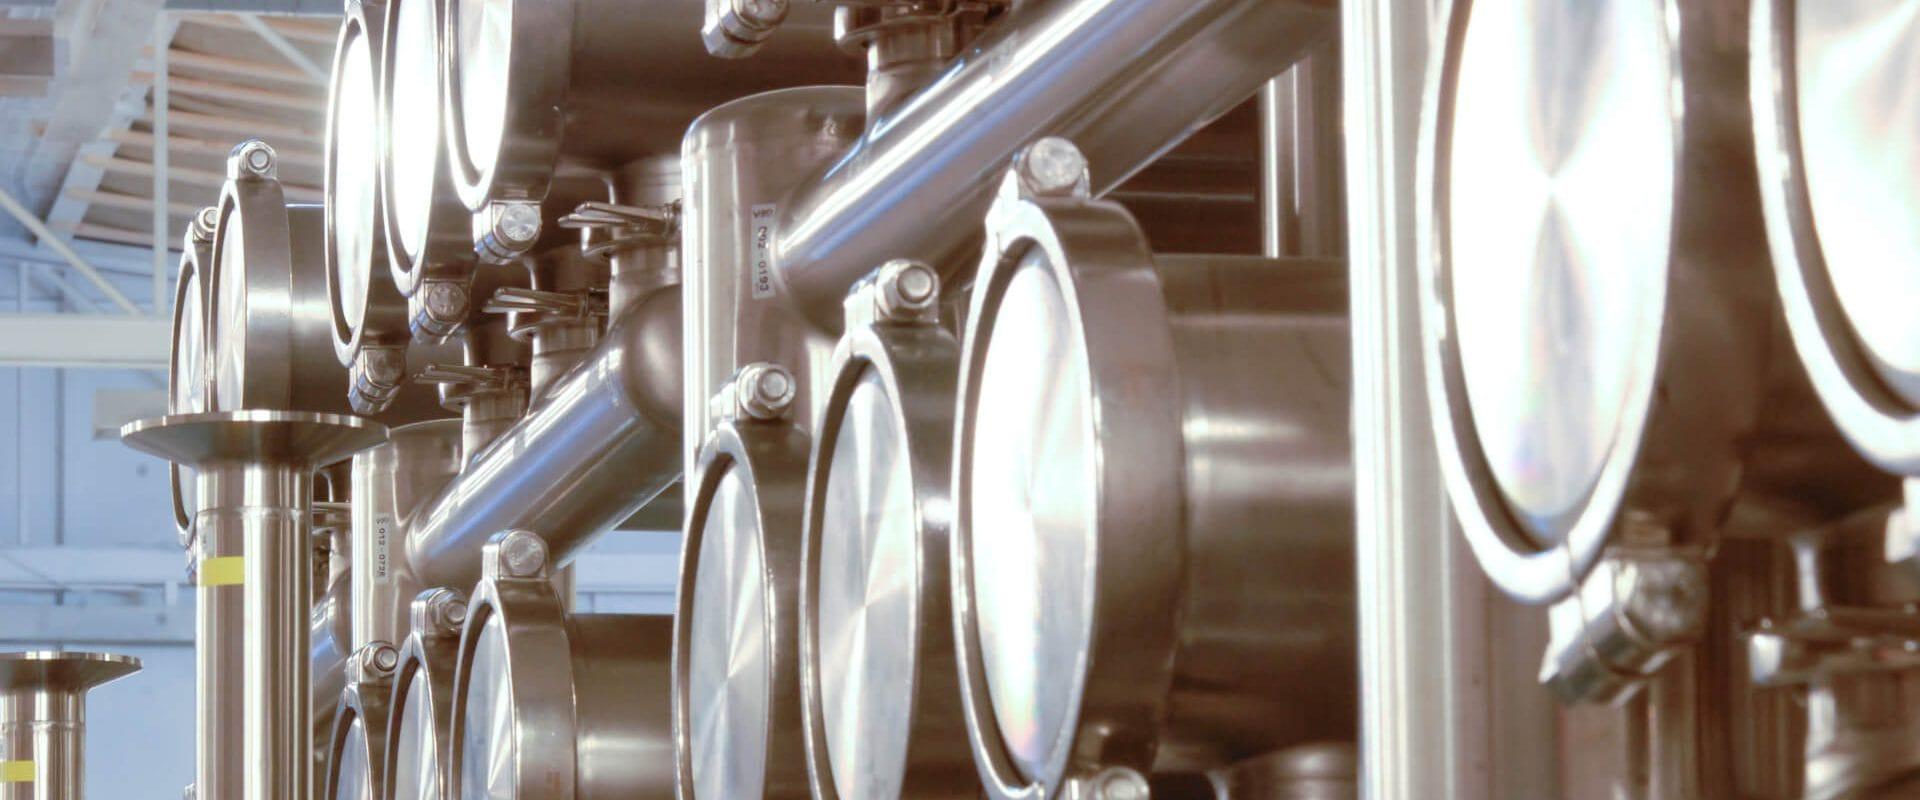 procesindustrien